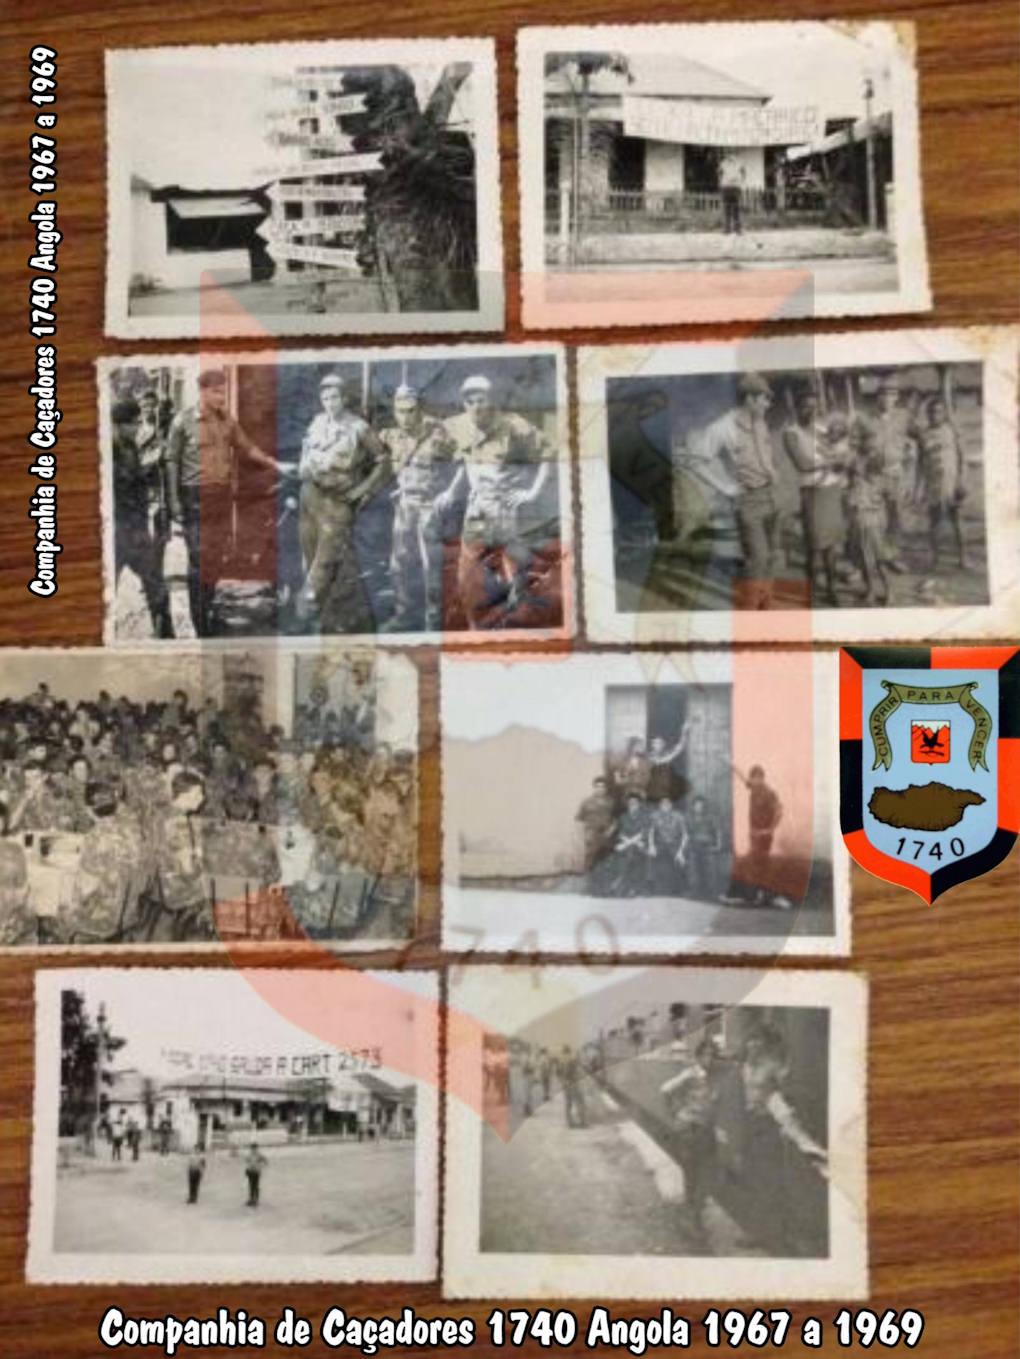 Companhia de Caçadores 1740, mobilizada pelo BII19 - Funchal - Almoço anual no dia 19Out2014 Ccac1710